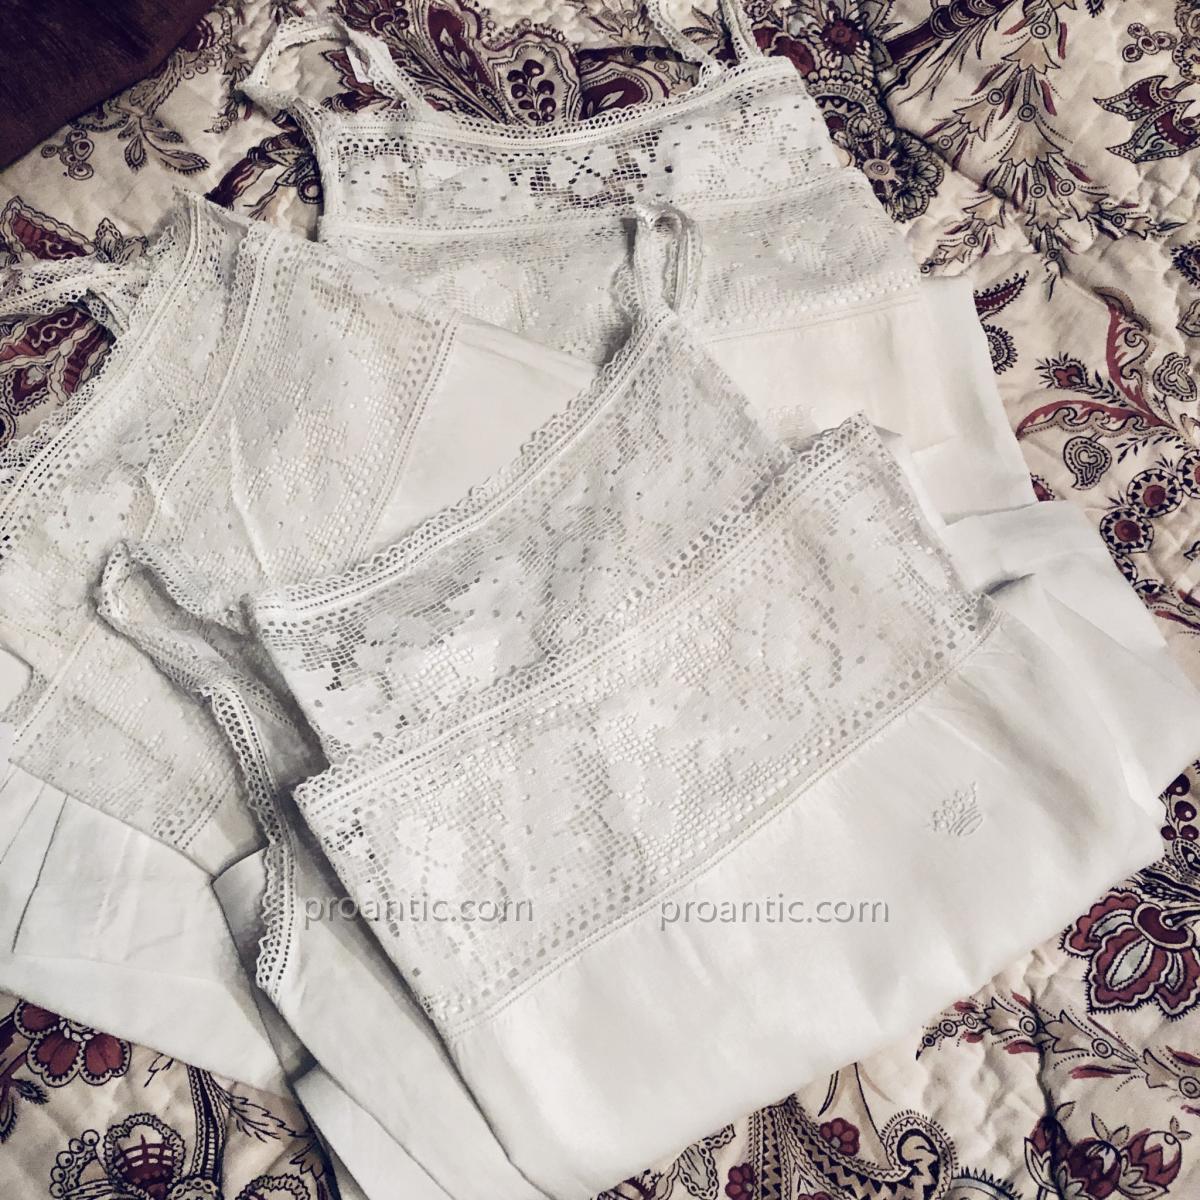 3 chemises de Dame à couronne ducale, fil de lin.-photo-3